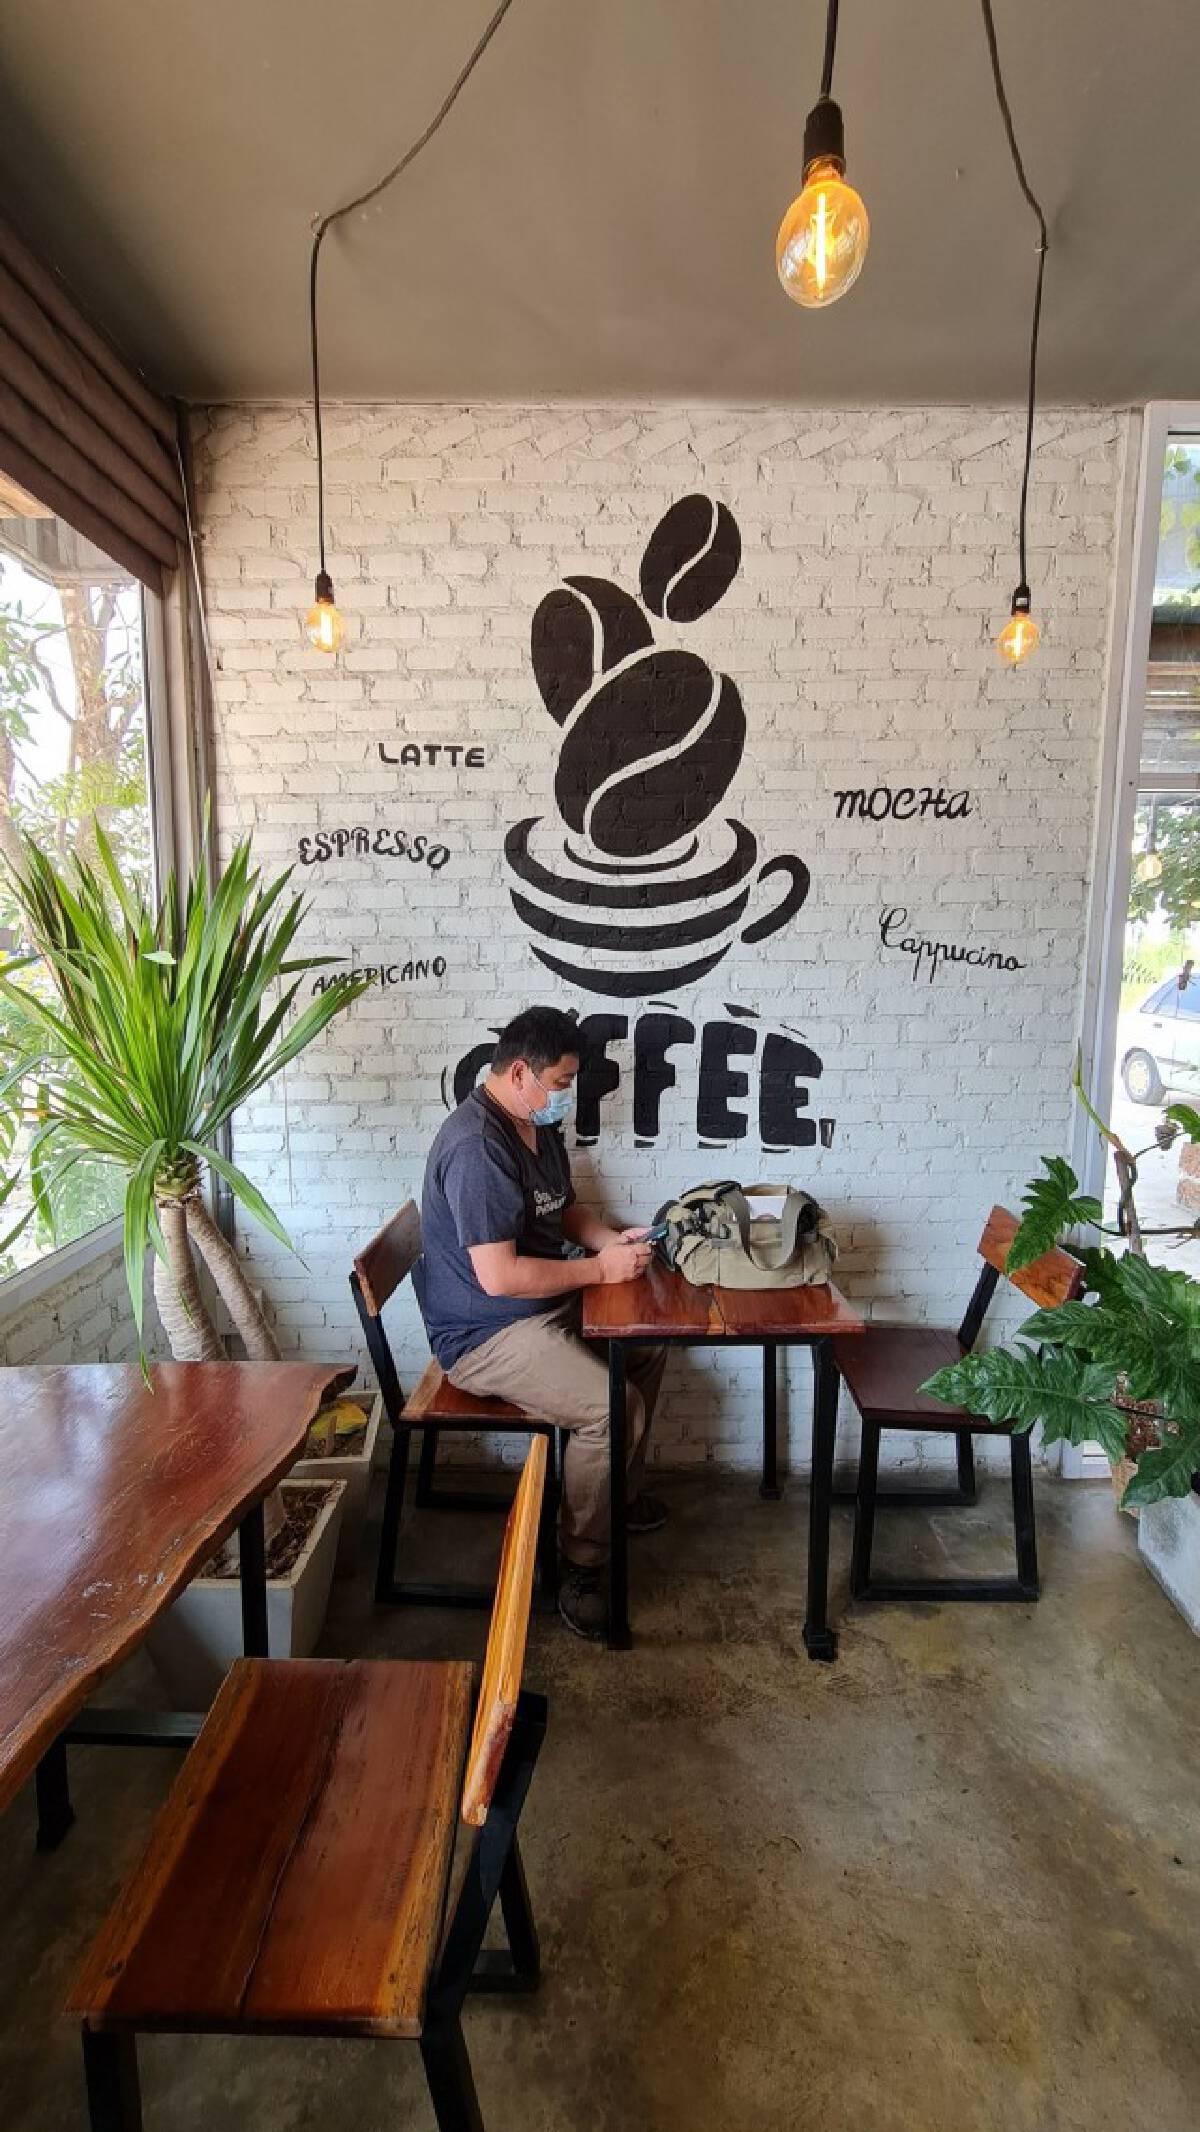 อดีตสาวแบงค์เปิดร้านกาแฟ-ผักอินทรีย์เอาใจสายสุขภาพ